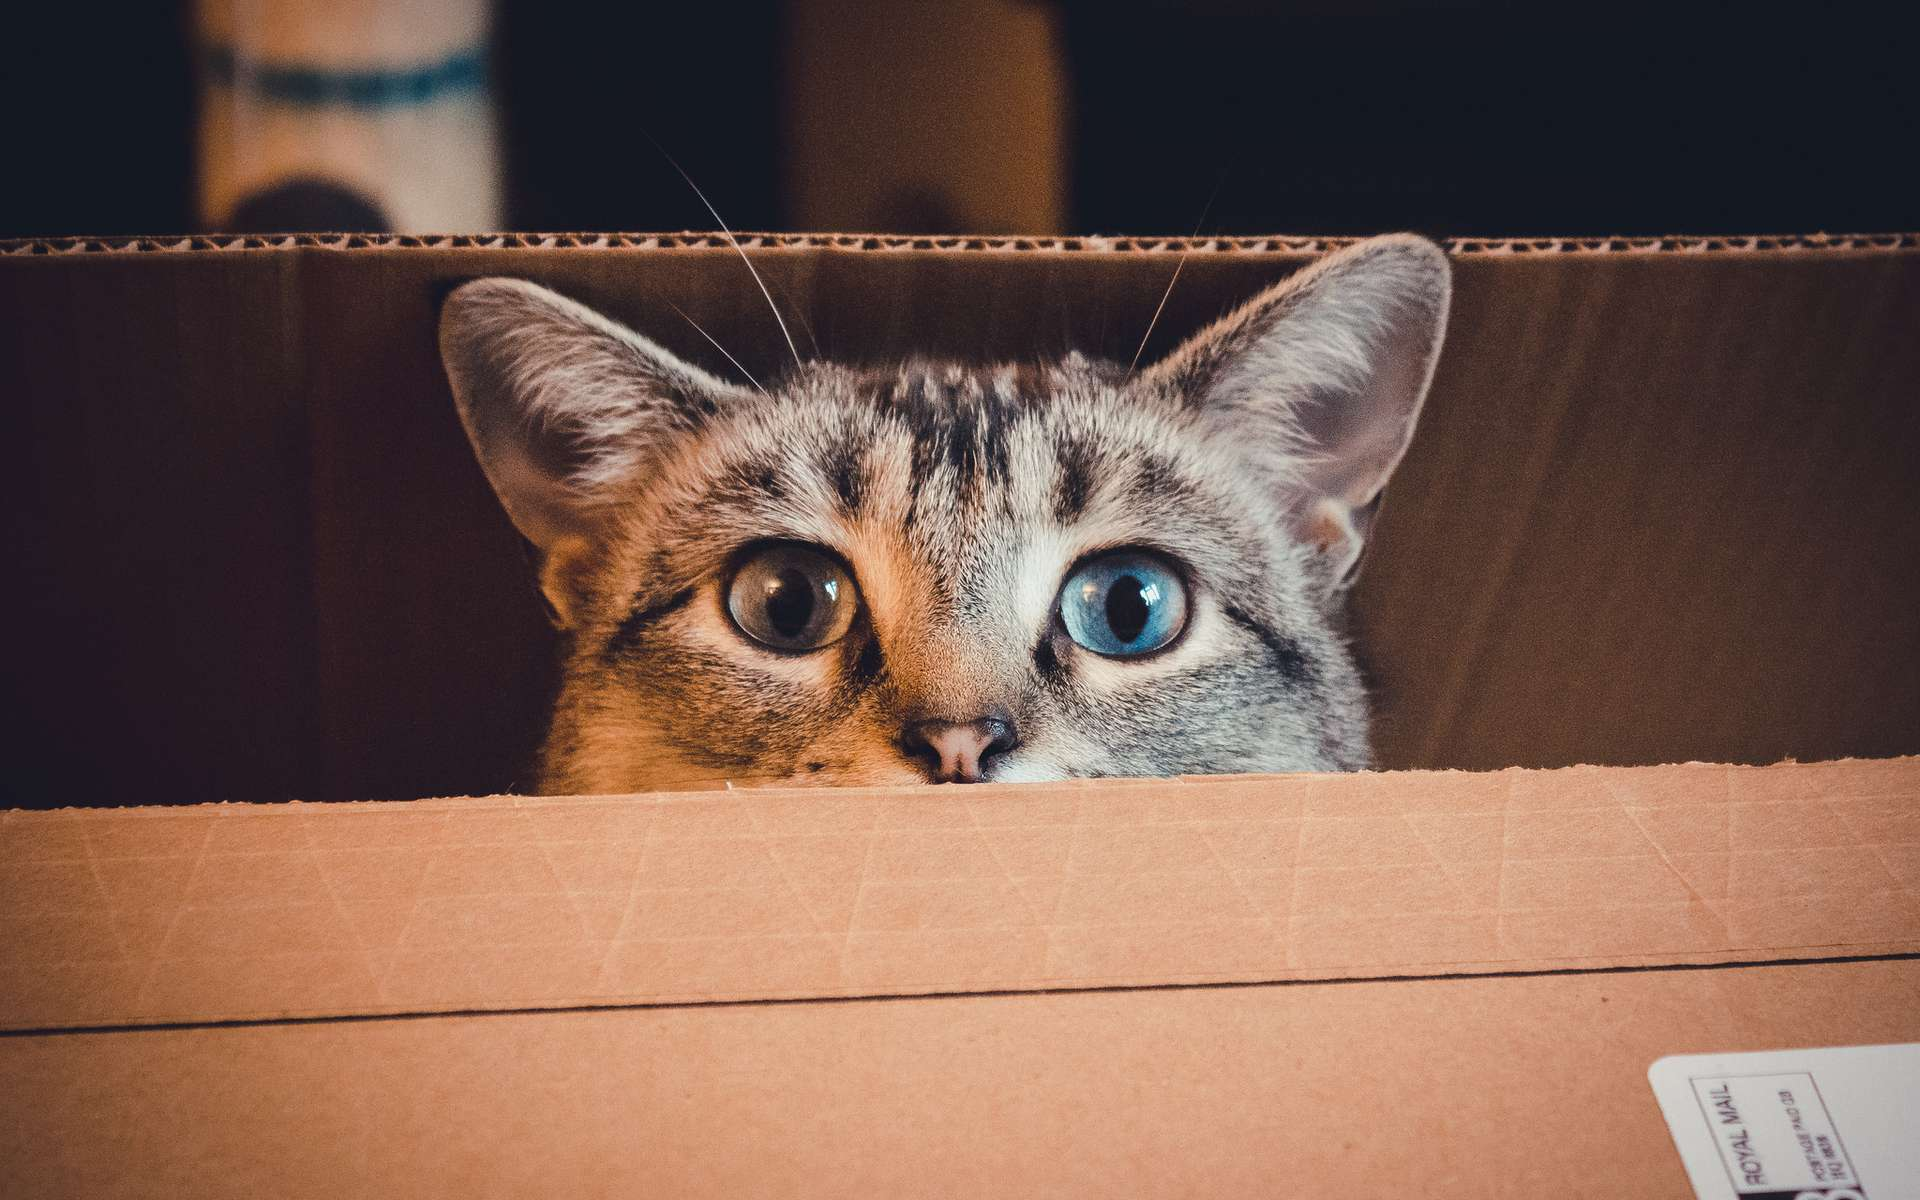 Les chats aiment se réfugier dans les boîtes en carton ; un abri qui les rassure. © William-C, Flickr